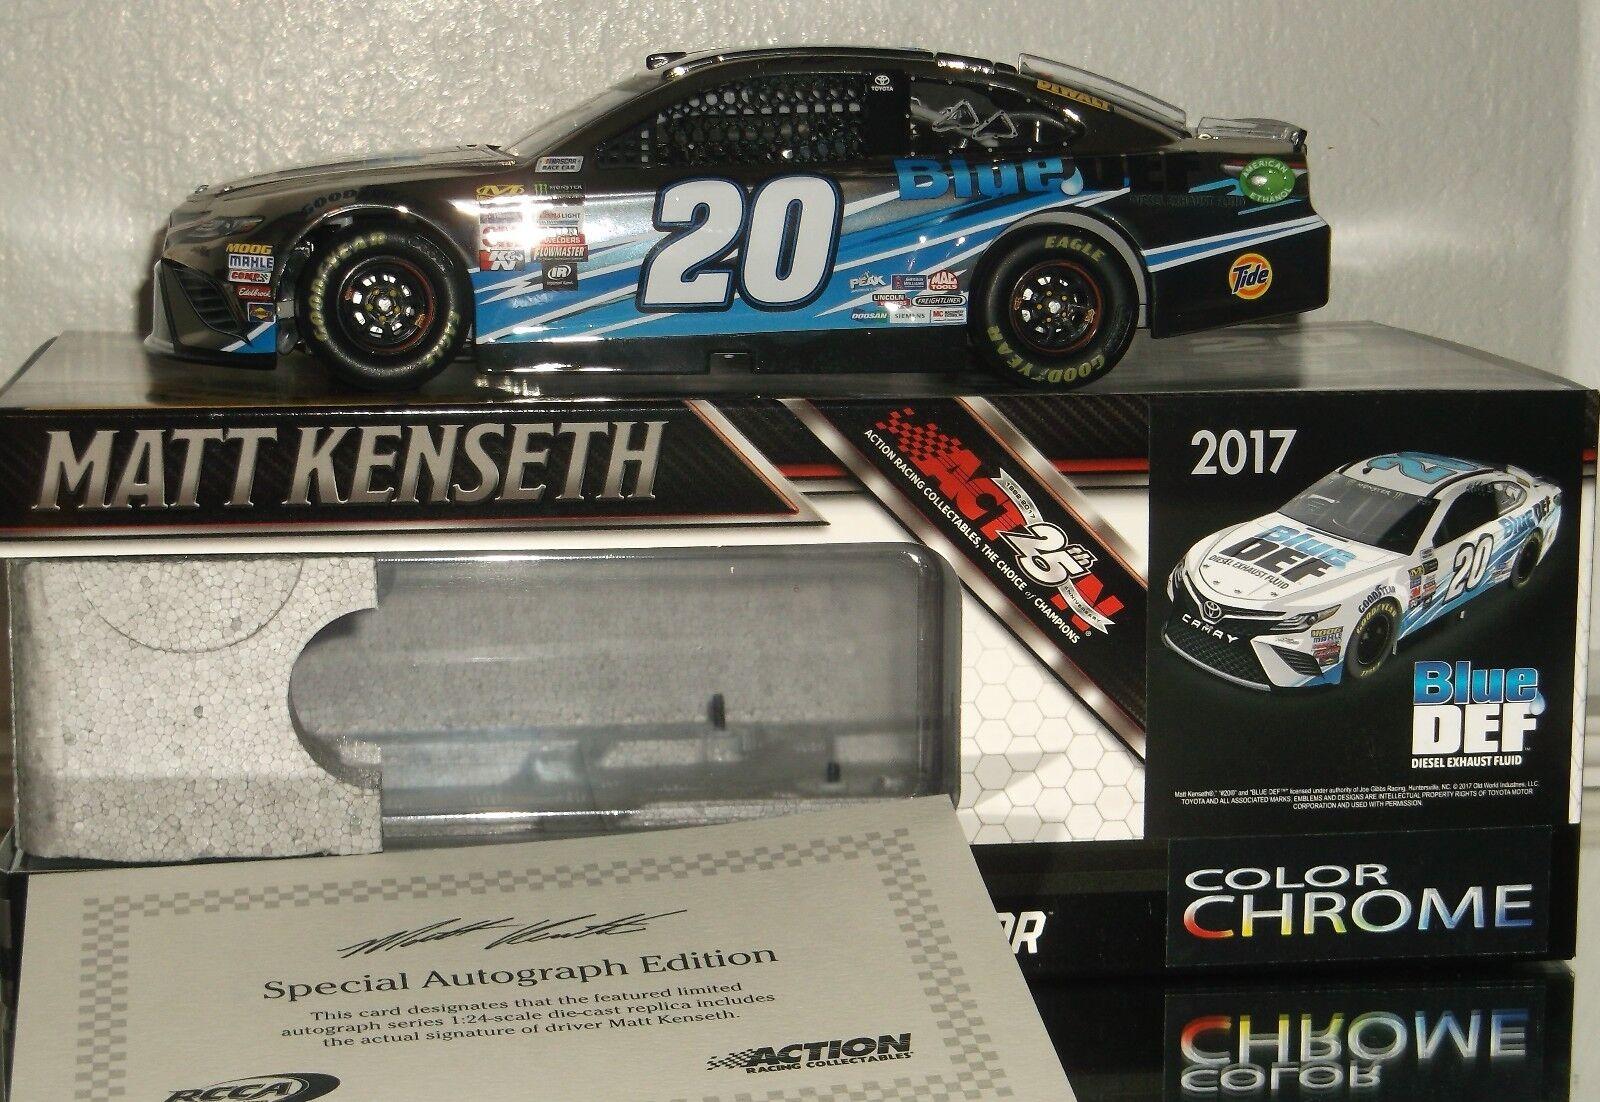 2017 MATT KENSETH KENSETH KENSETH  20 blu DEF AUTOGRAPHED COLOR CHROME 1/24 CAR 44/48 W/F COA 94cc2e